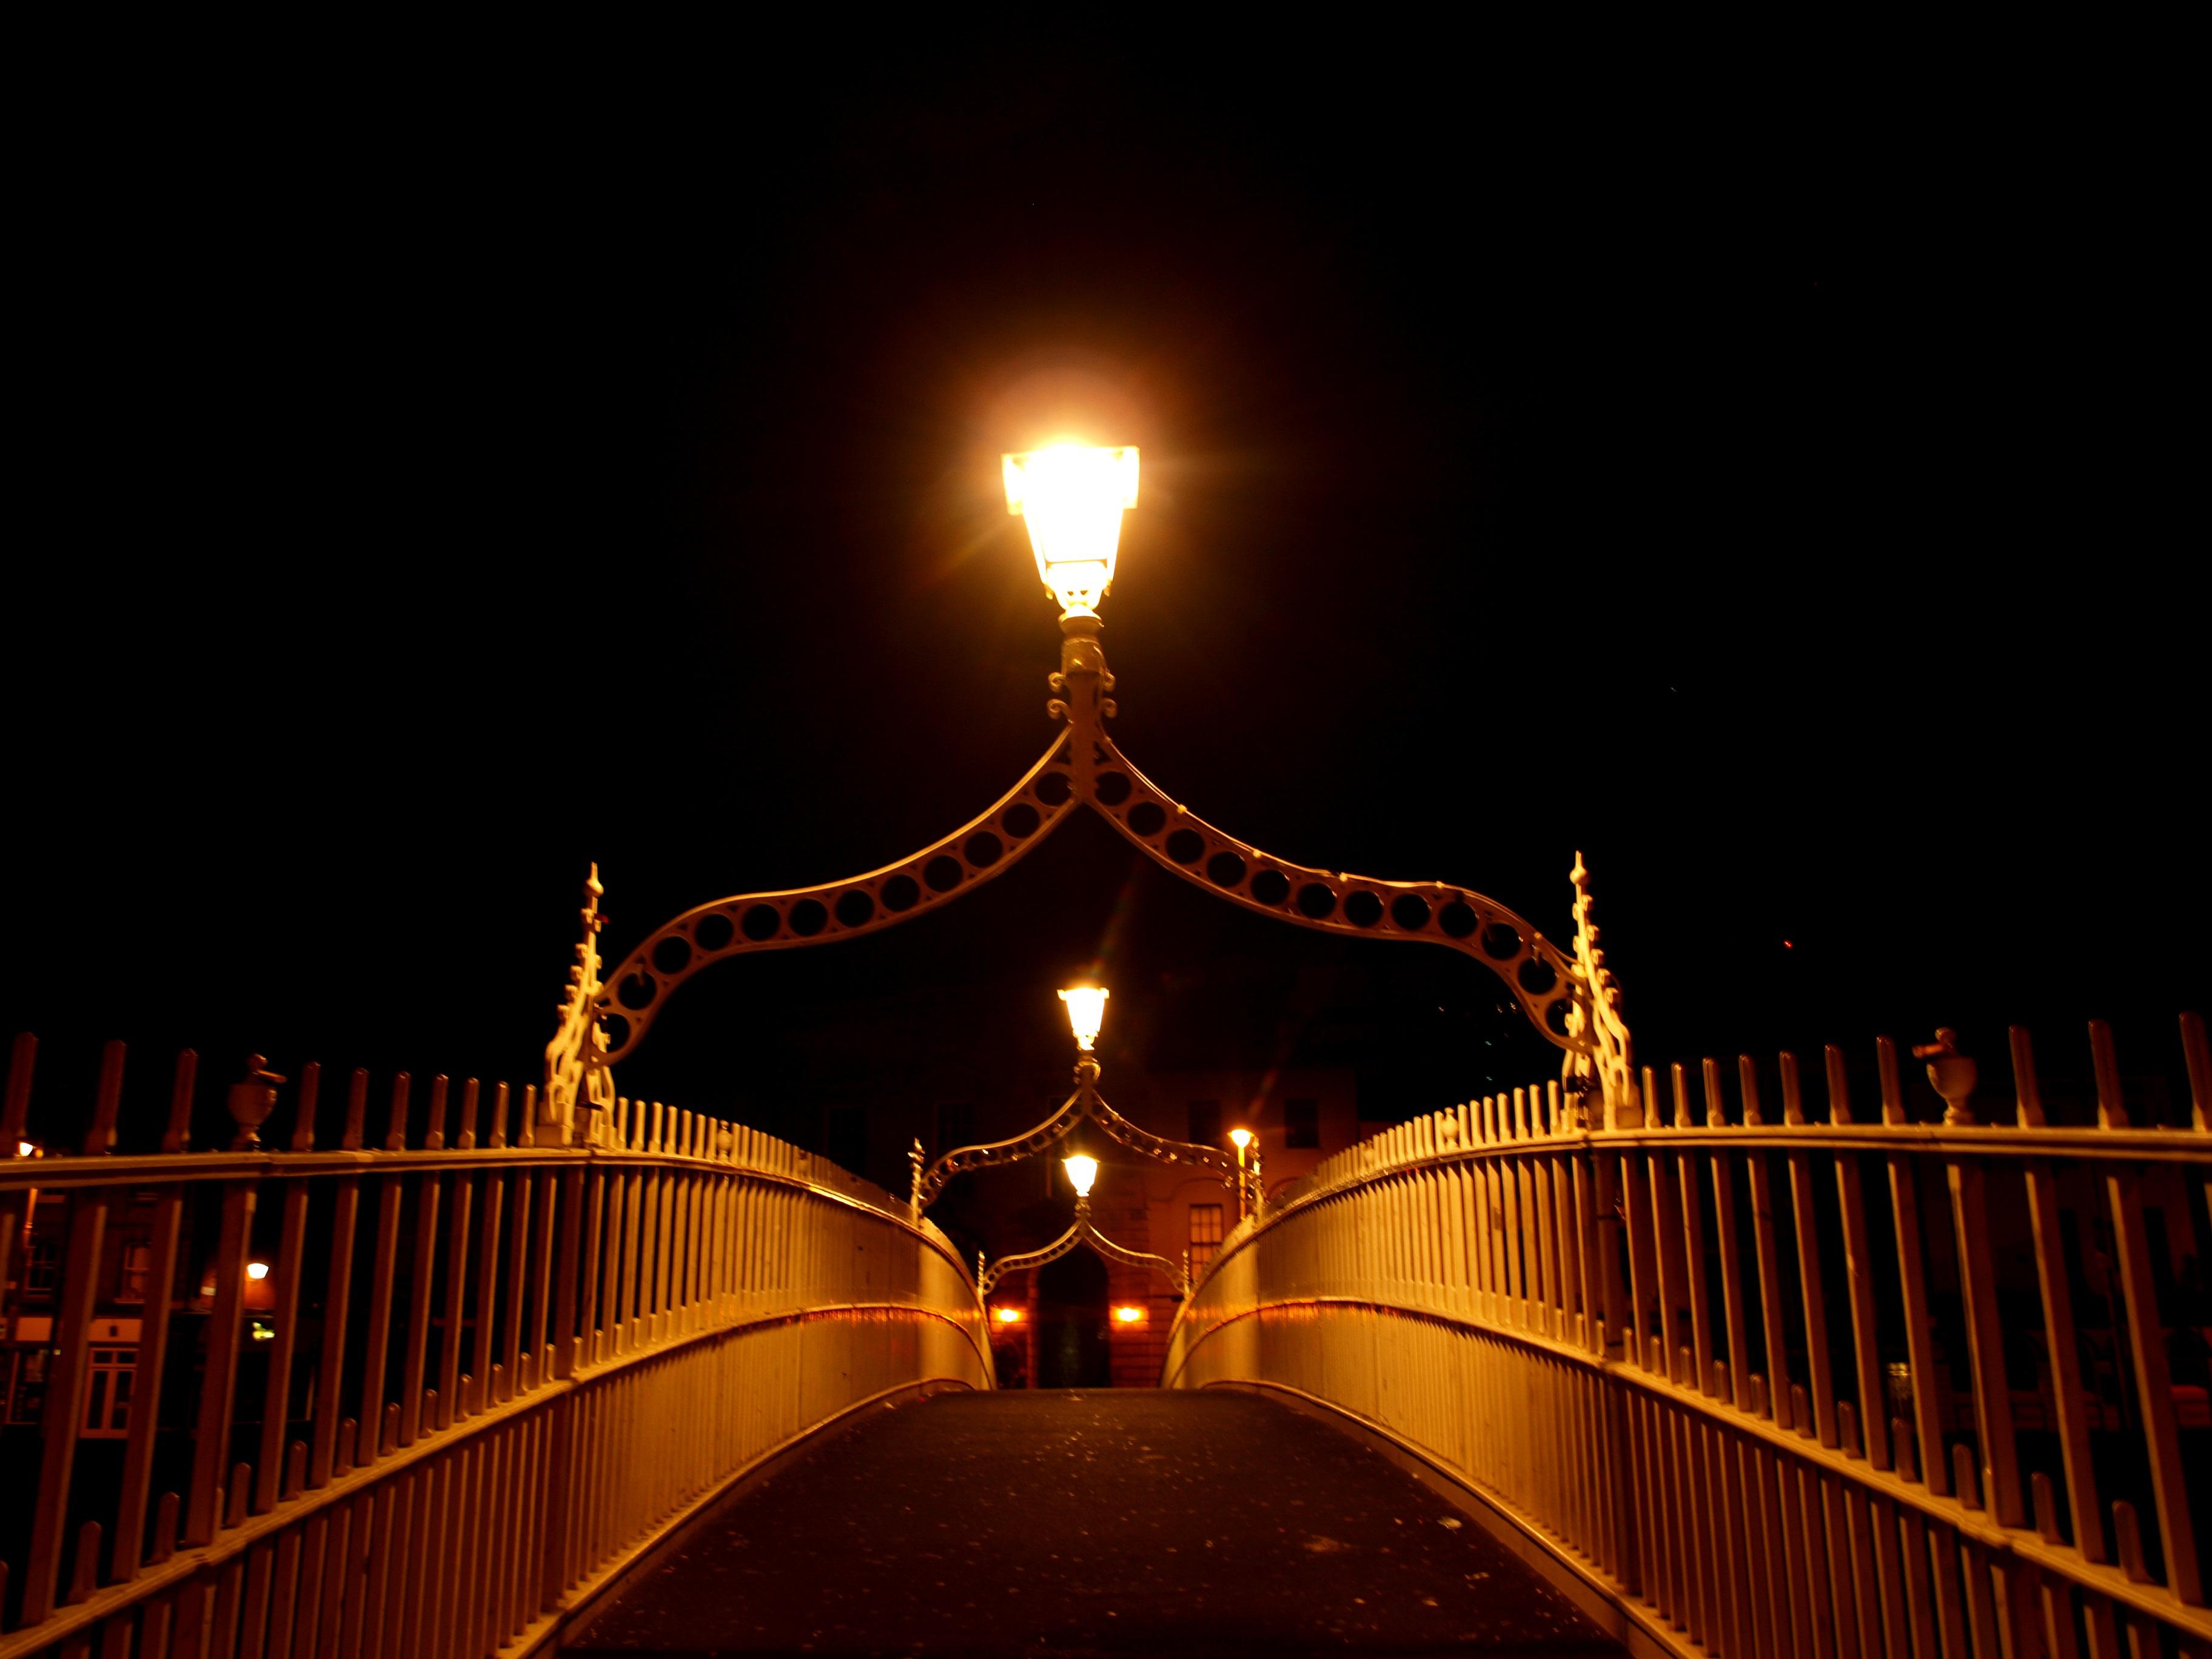 Irische Brücke bei Nacht